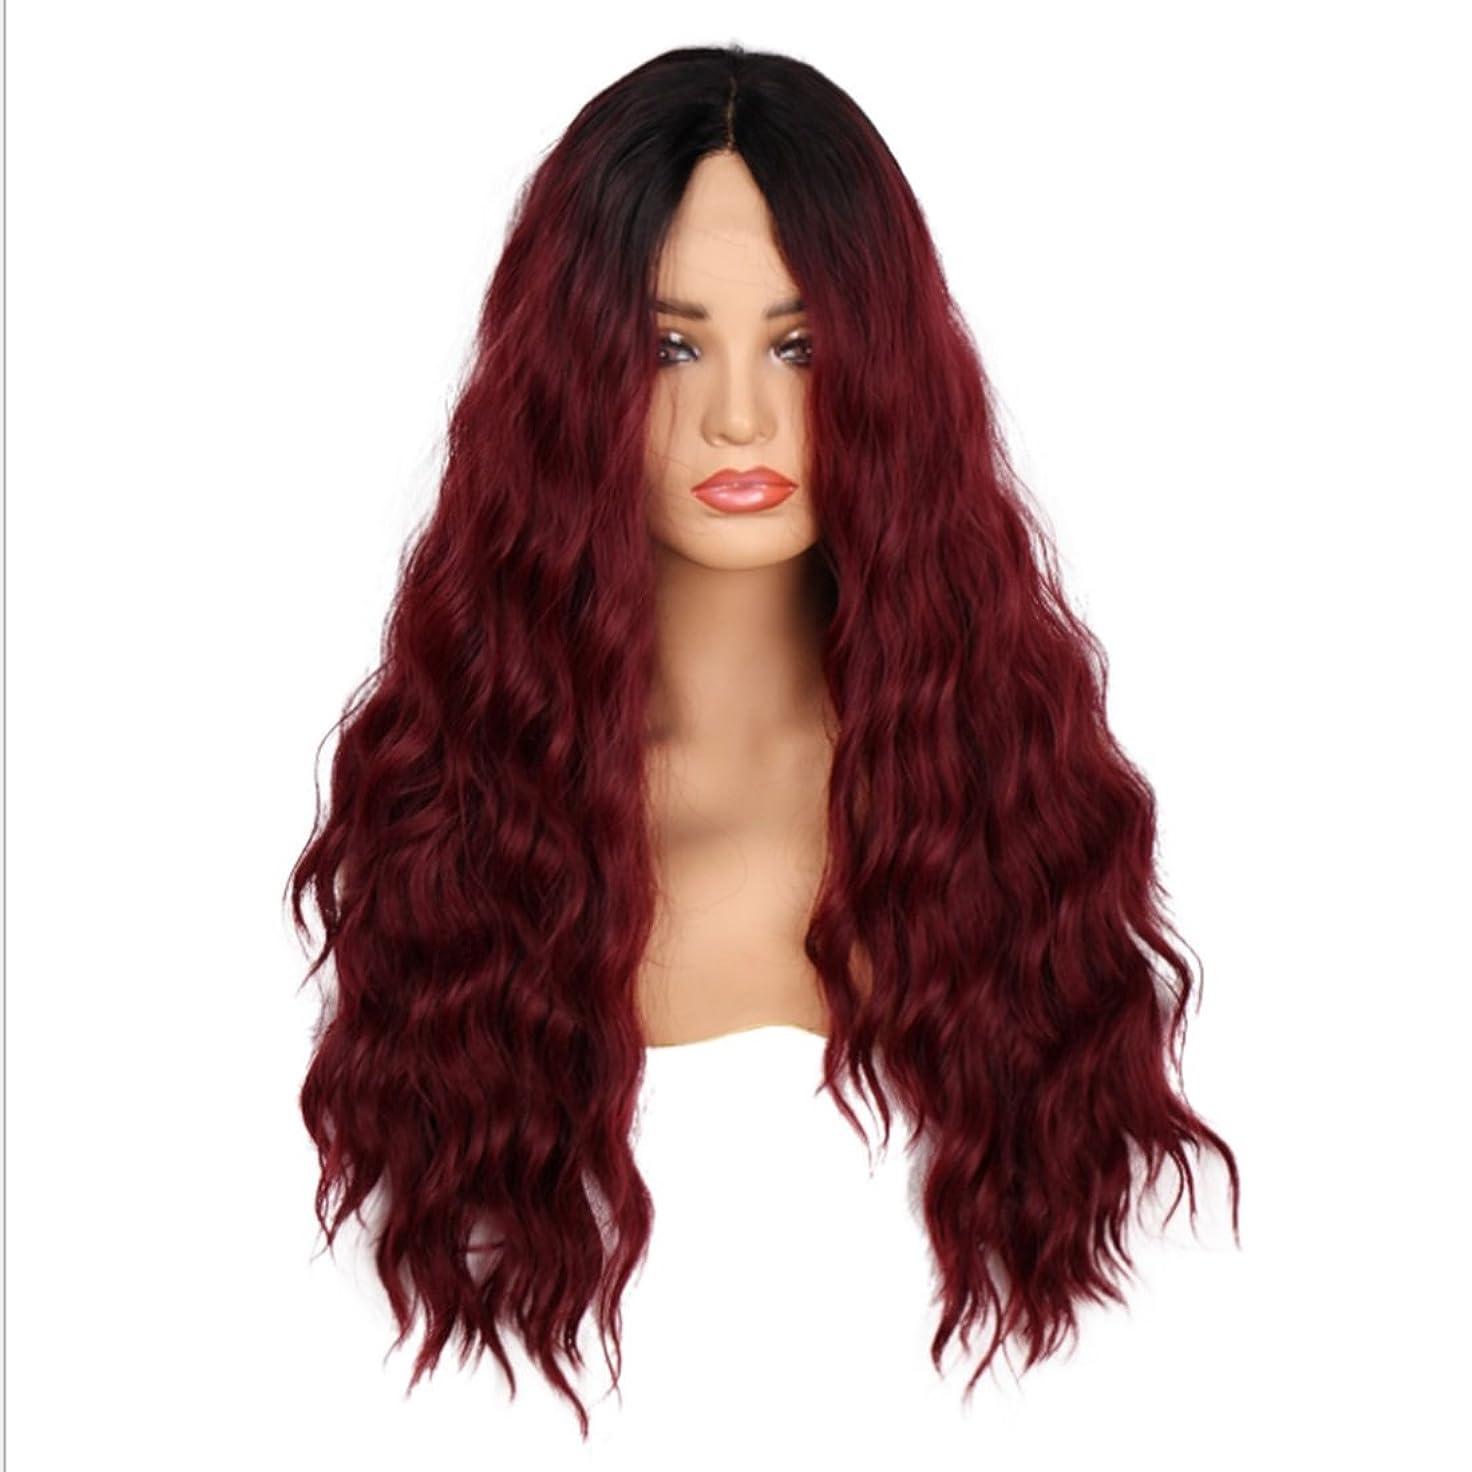 離れたモンククックYESONEEP 女性のための24インチロングカーリーウィッグフルハンド織レースフロントワインレッドヘアー高温シルク人工毛ミッドポイント付き前髪かつら髪耐熱複合毛レースのかつらロールプレイングかつら (色 : Red wine)